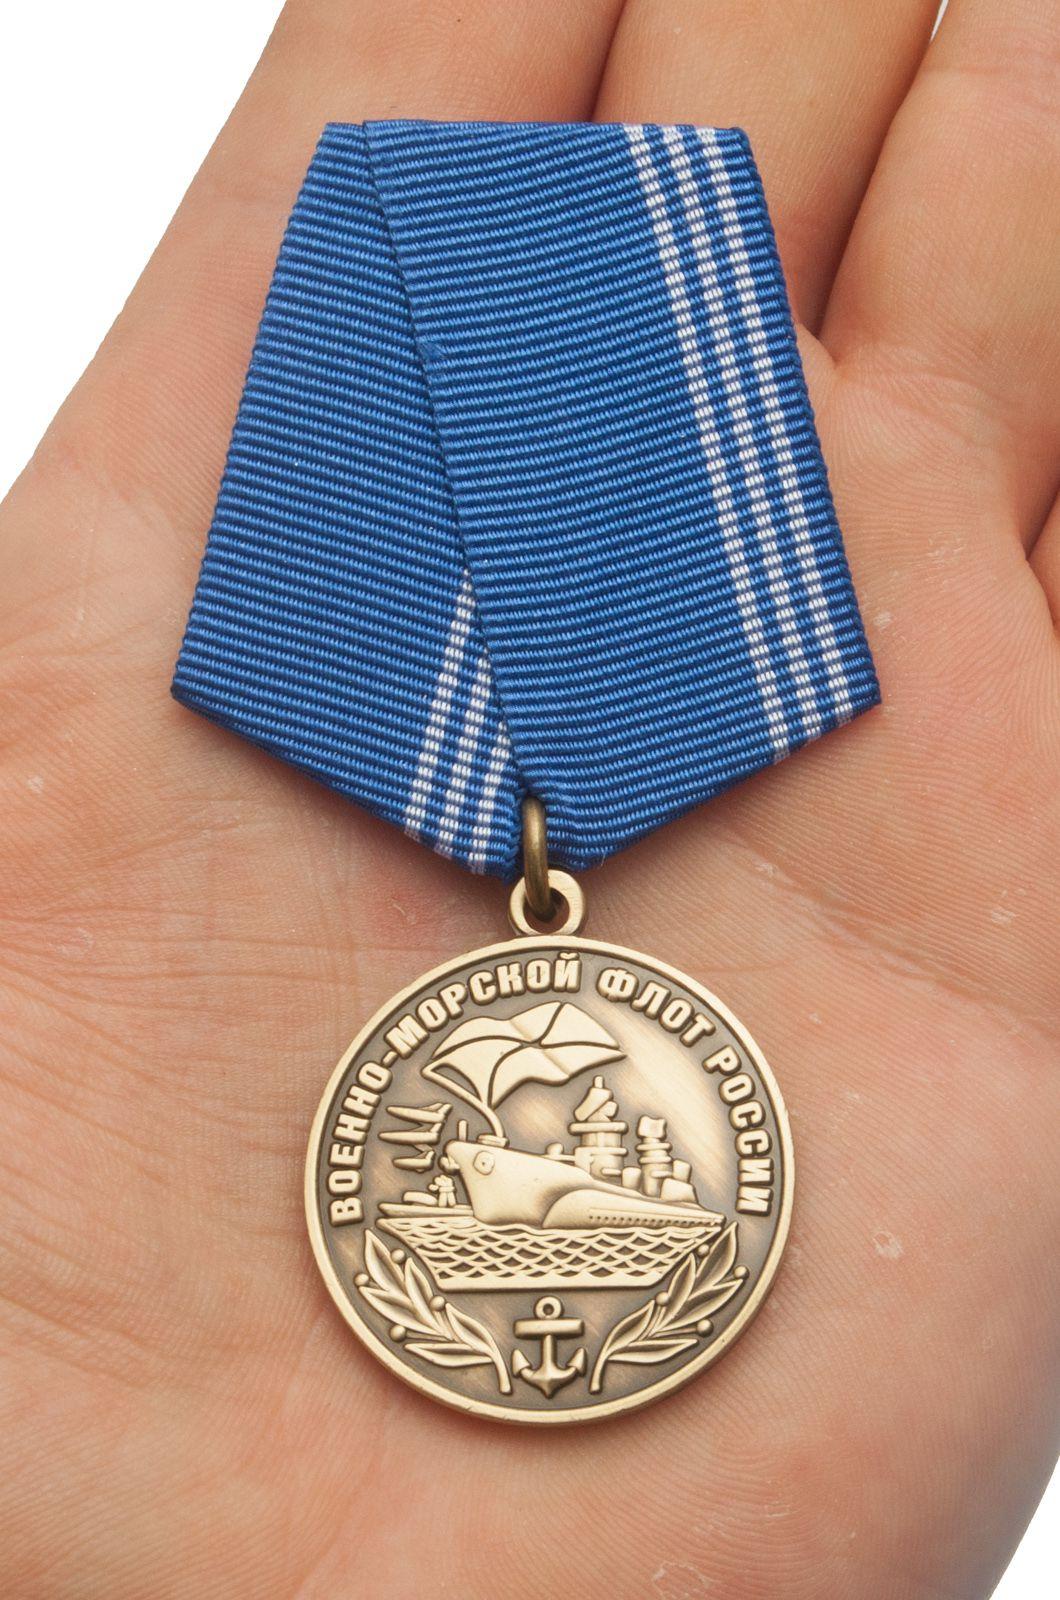 """Медаль """"Военно-морской флот РФ"""" в оригинальном футляре из флока с пластиковой крышкой - вид на ладони"""